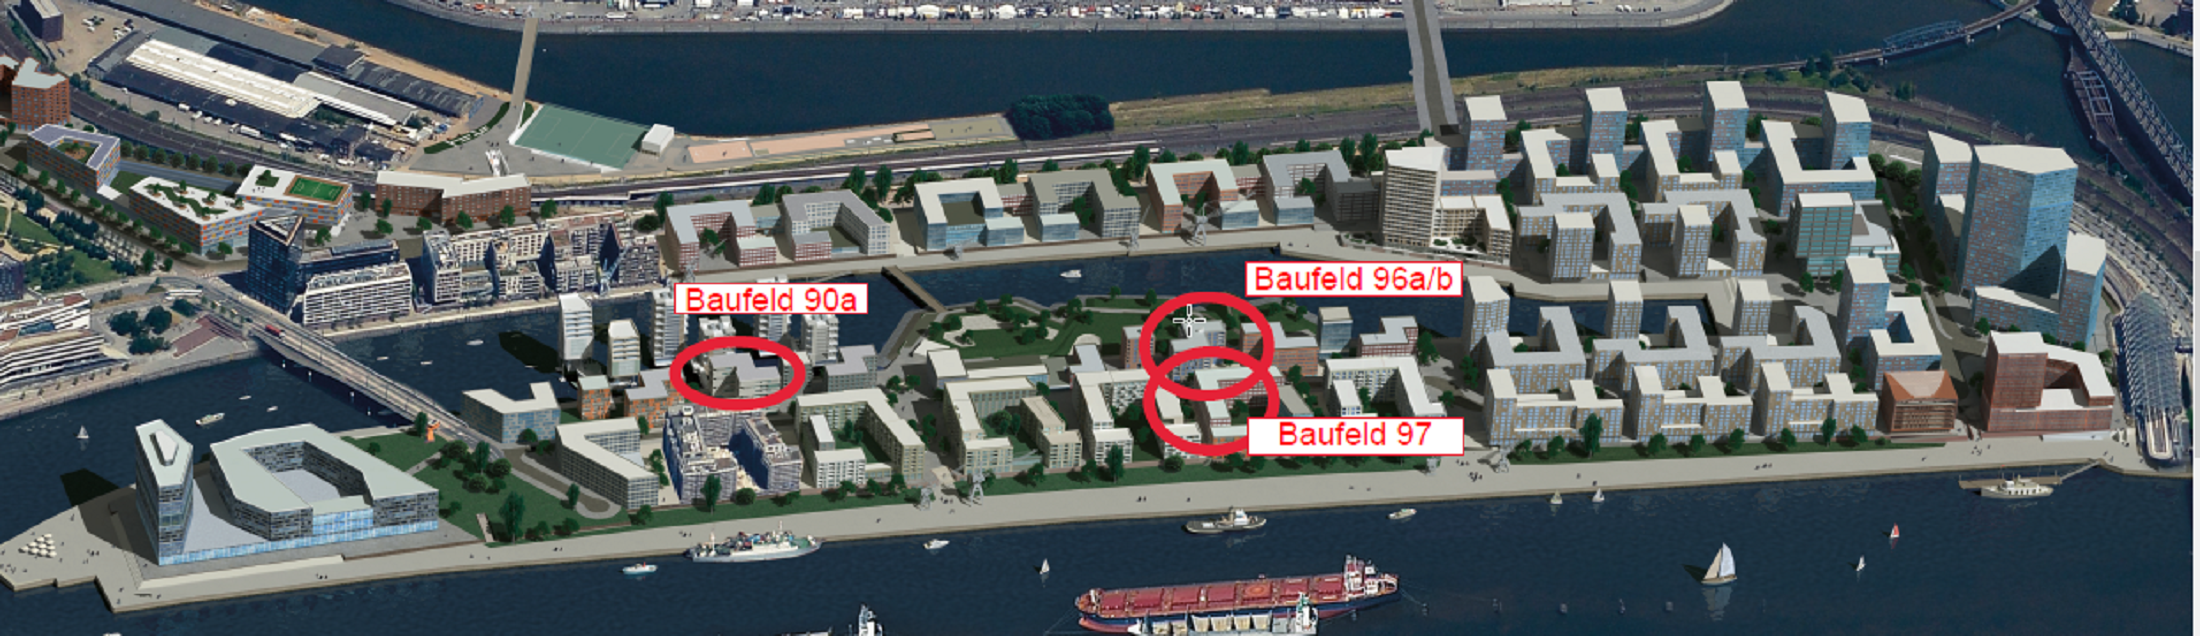 Die Baufelder der altoba im Baakenhafen als Visualisierung